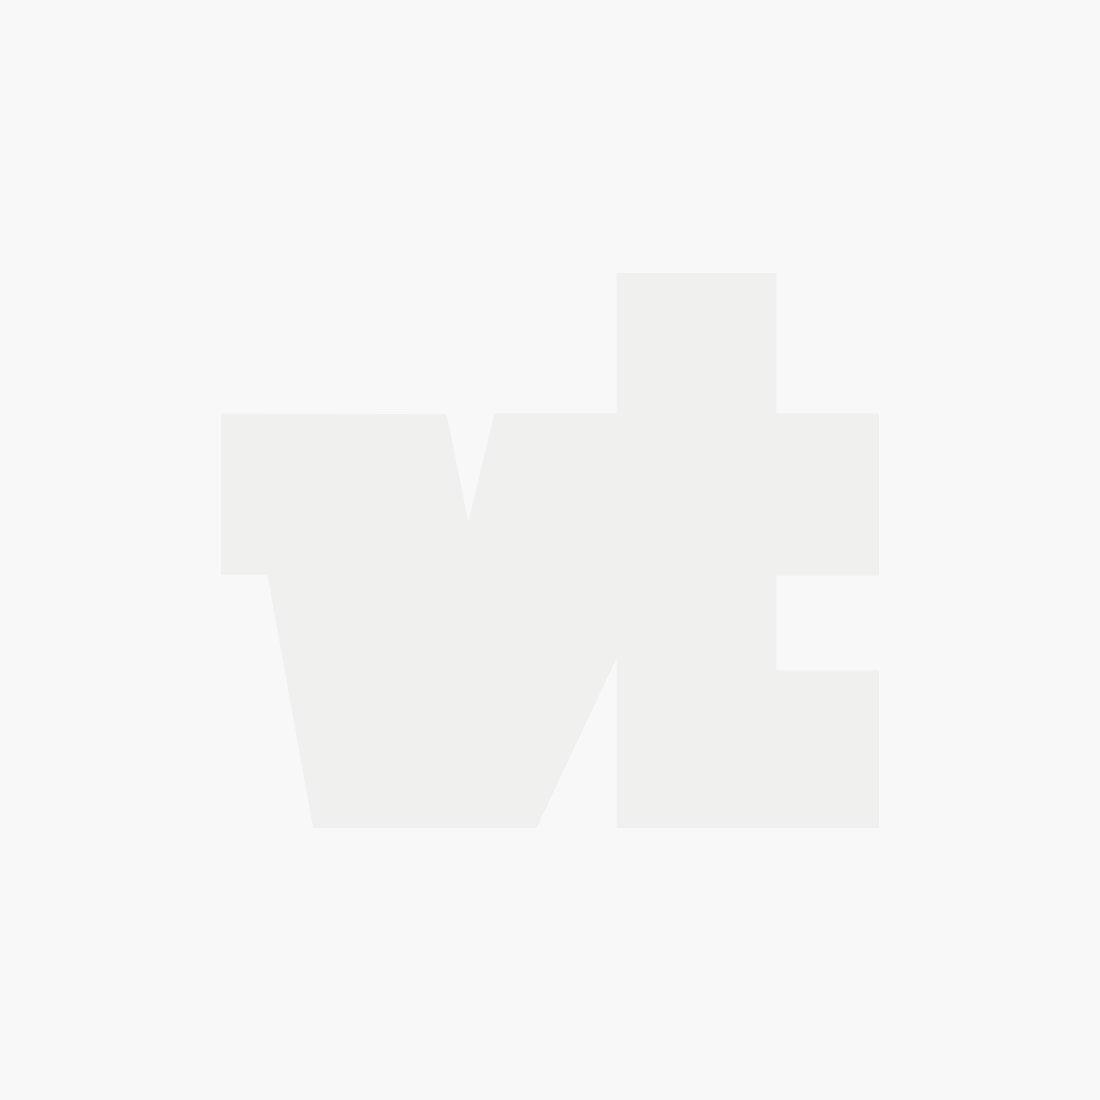 Vantalle pantalon 345